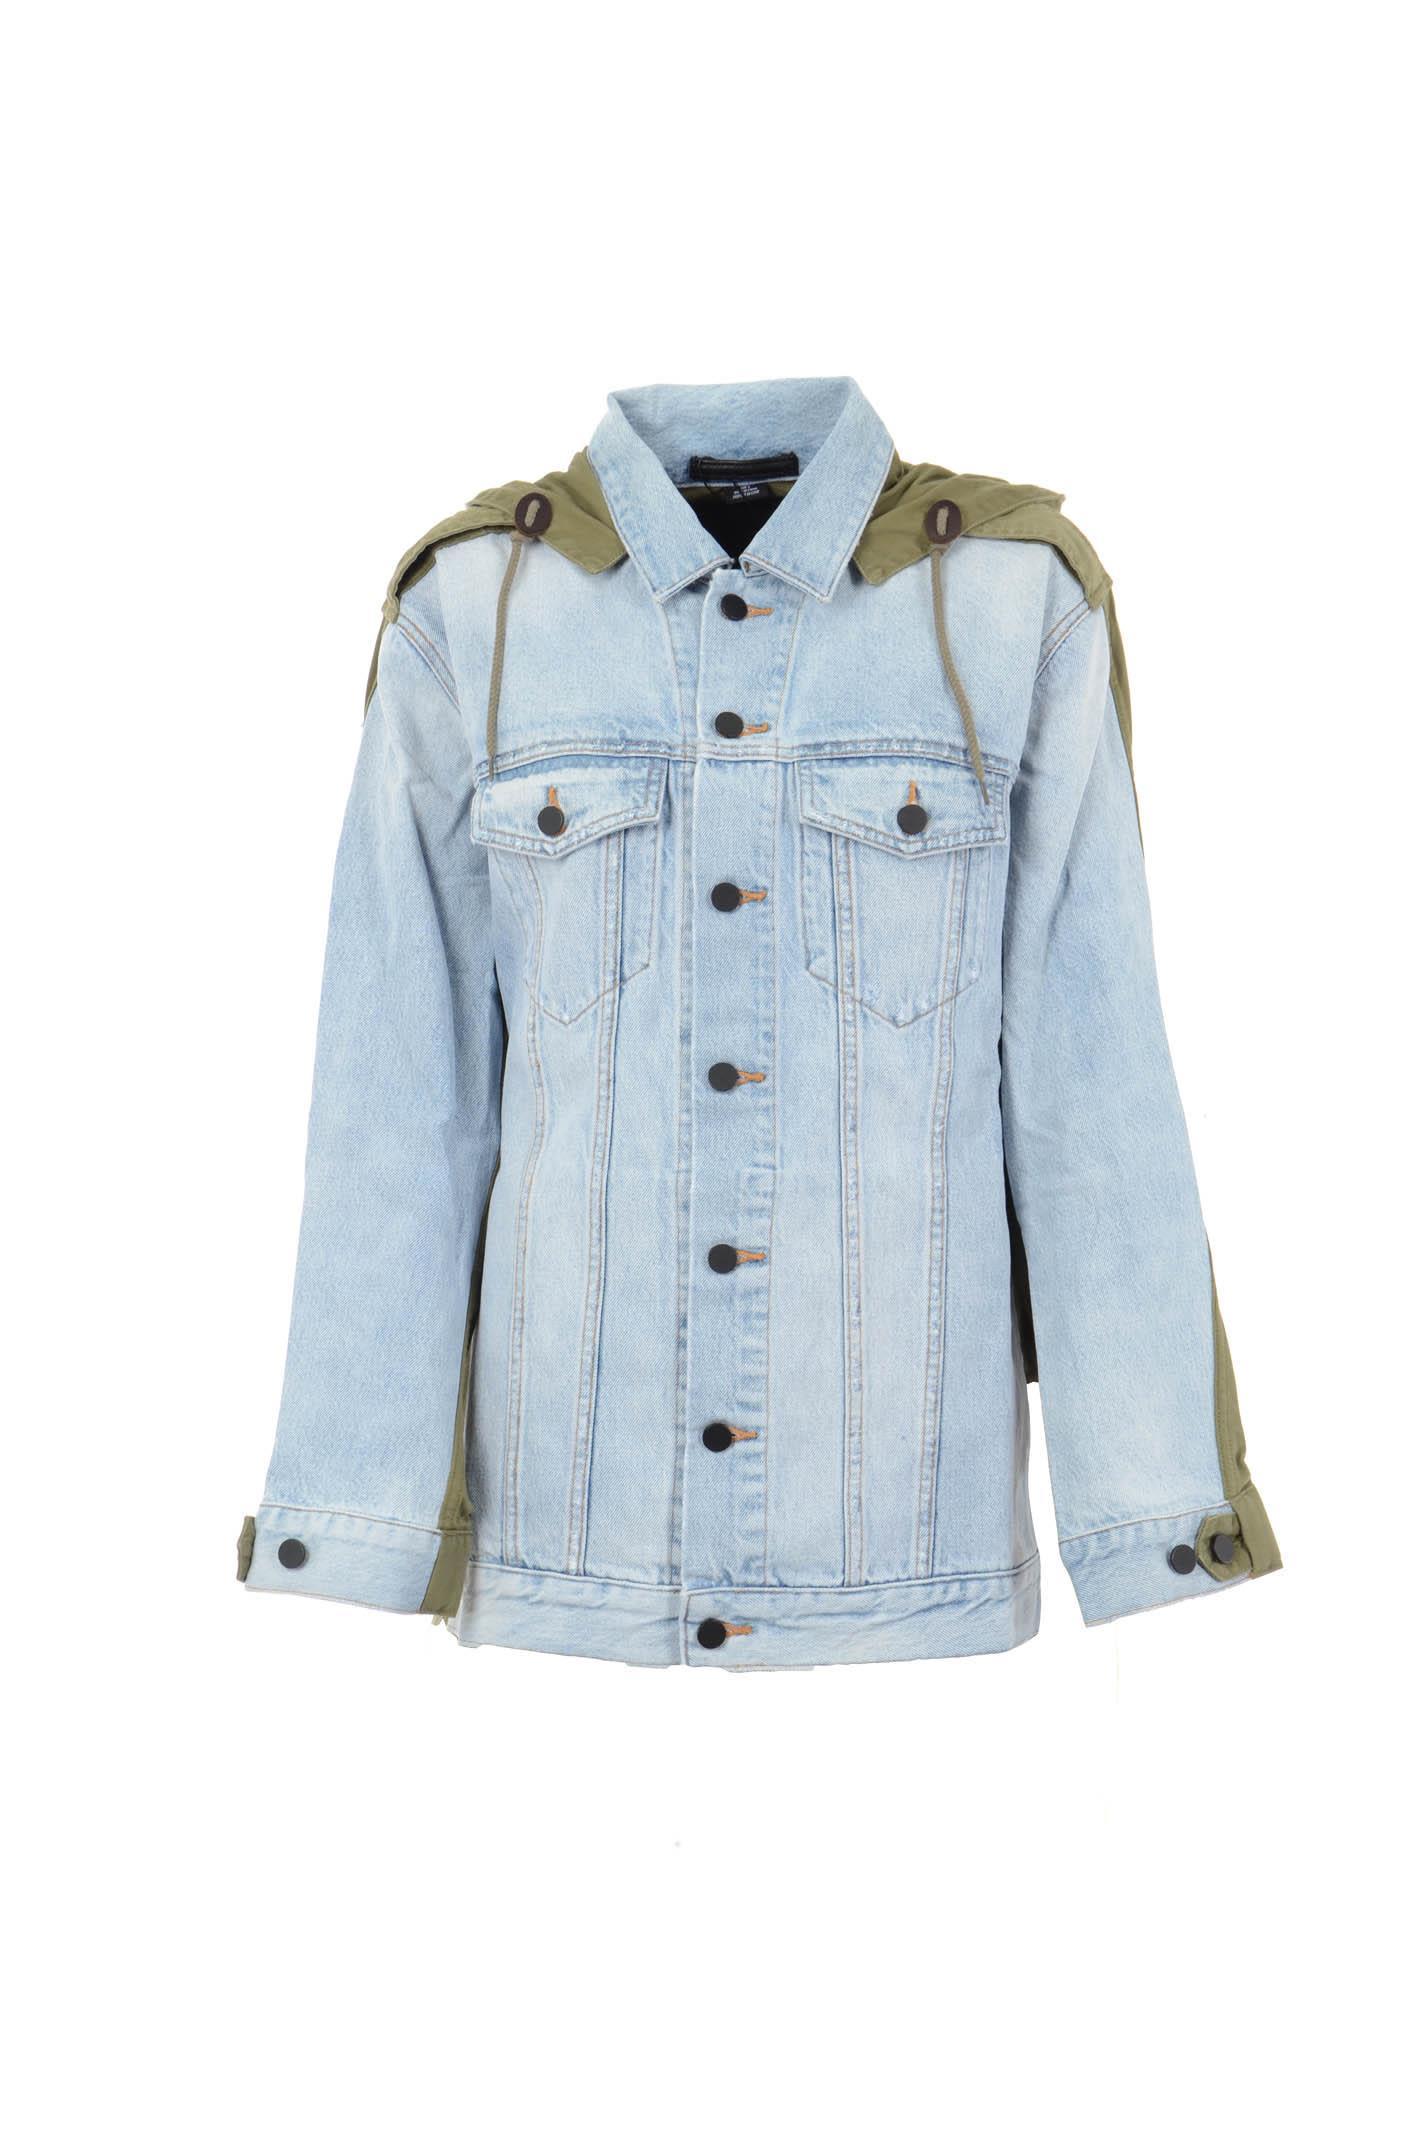 Daze Mix Denim Jacket